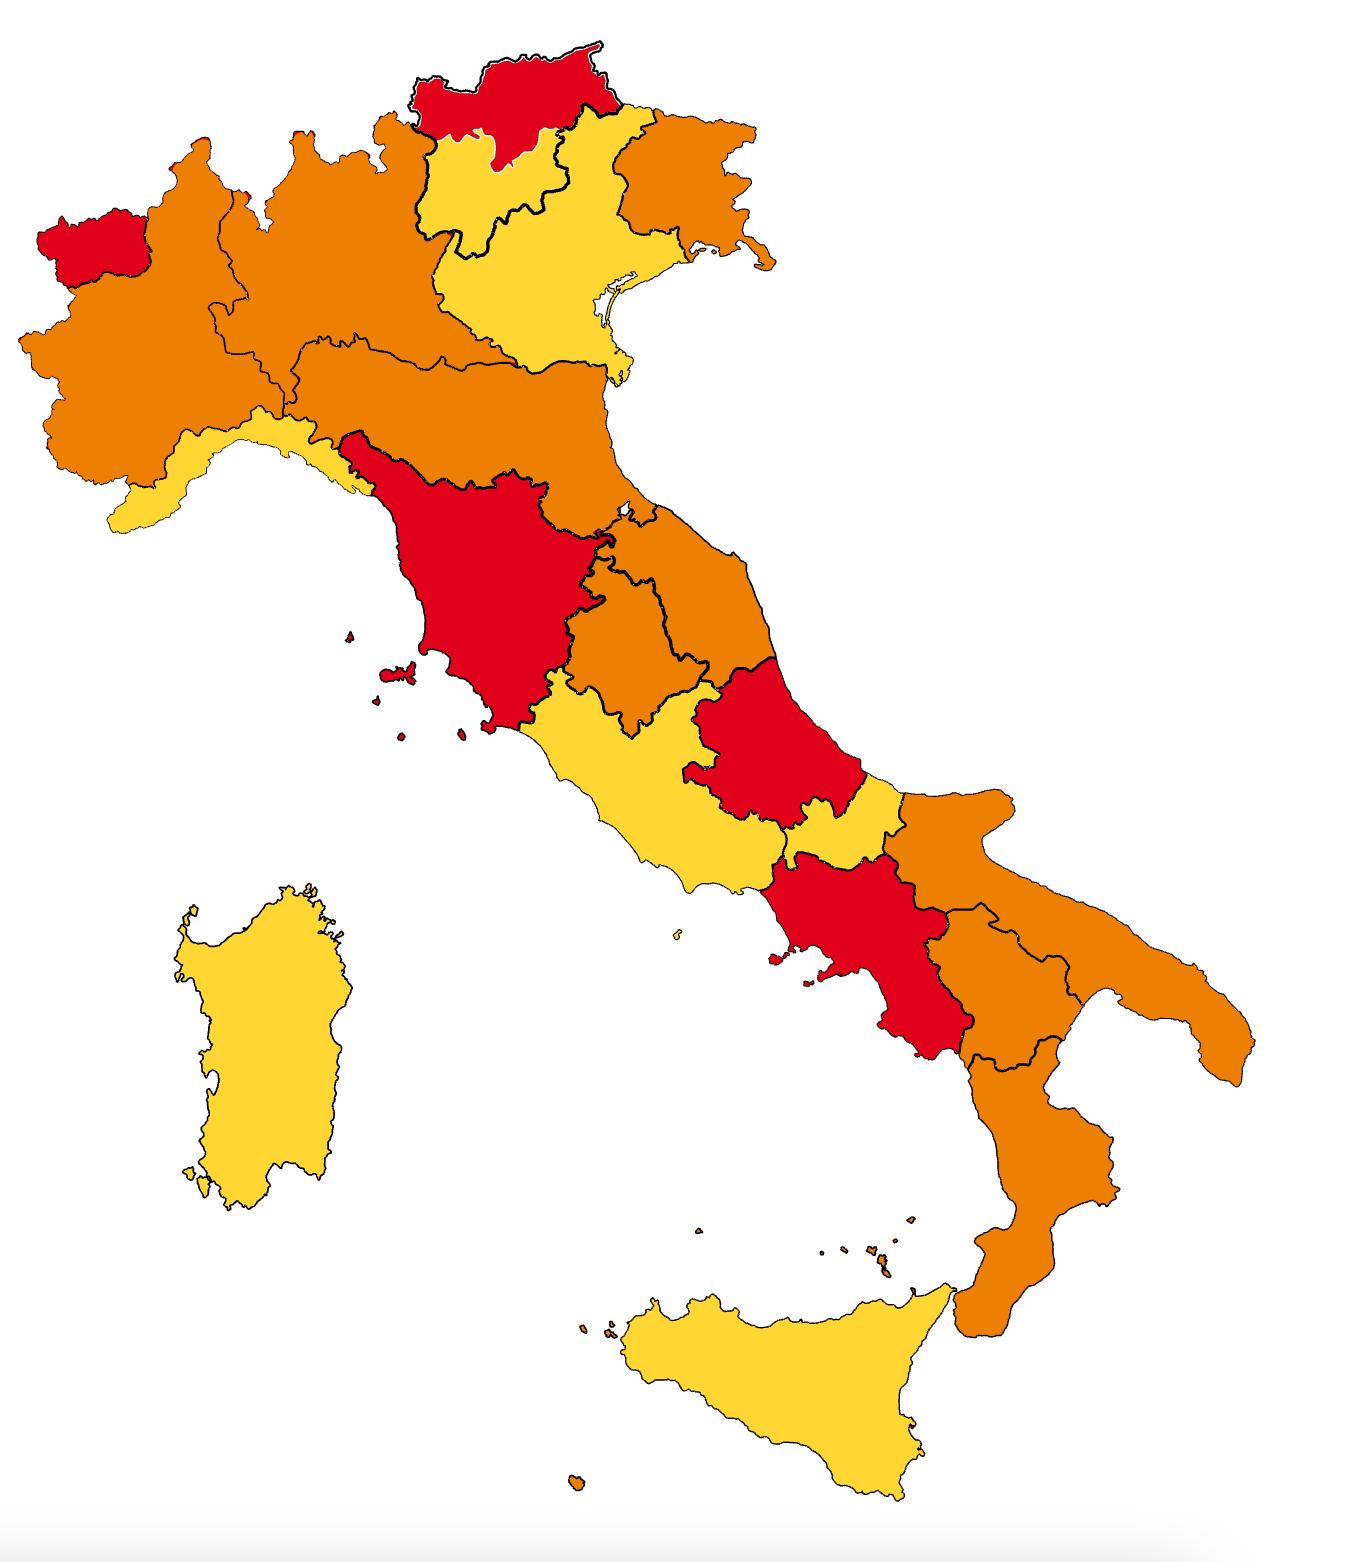 Immagini Lombardia Cartina.Coronavirus Lombardia Calabria E Piemonte Passano A Zona Arancione Liguria E Sicilia Diventano Gialle Tgcom24